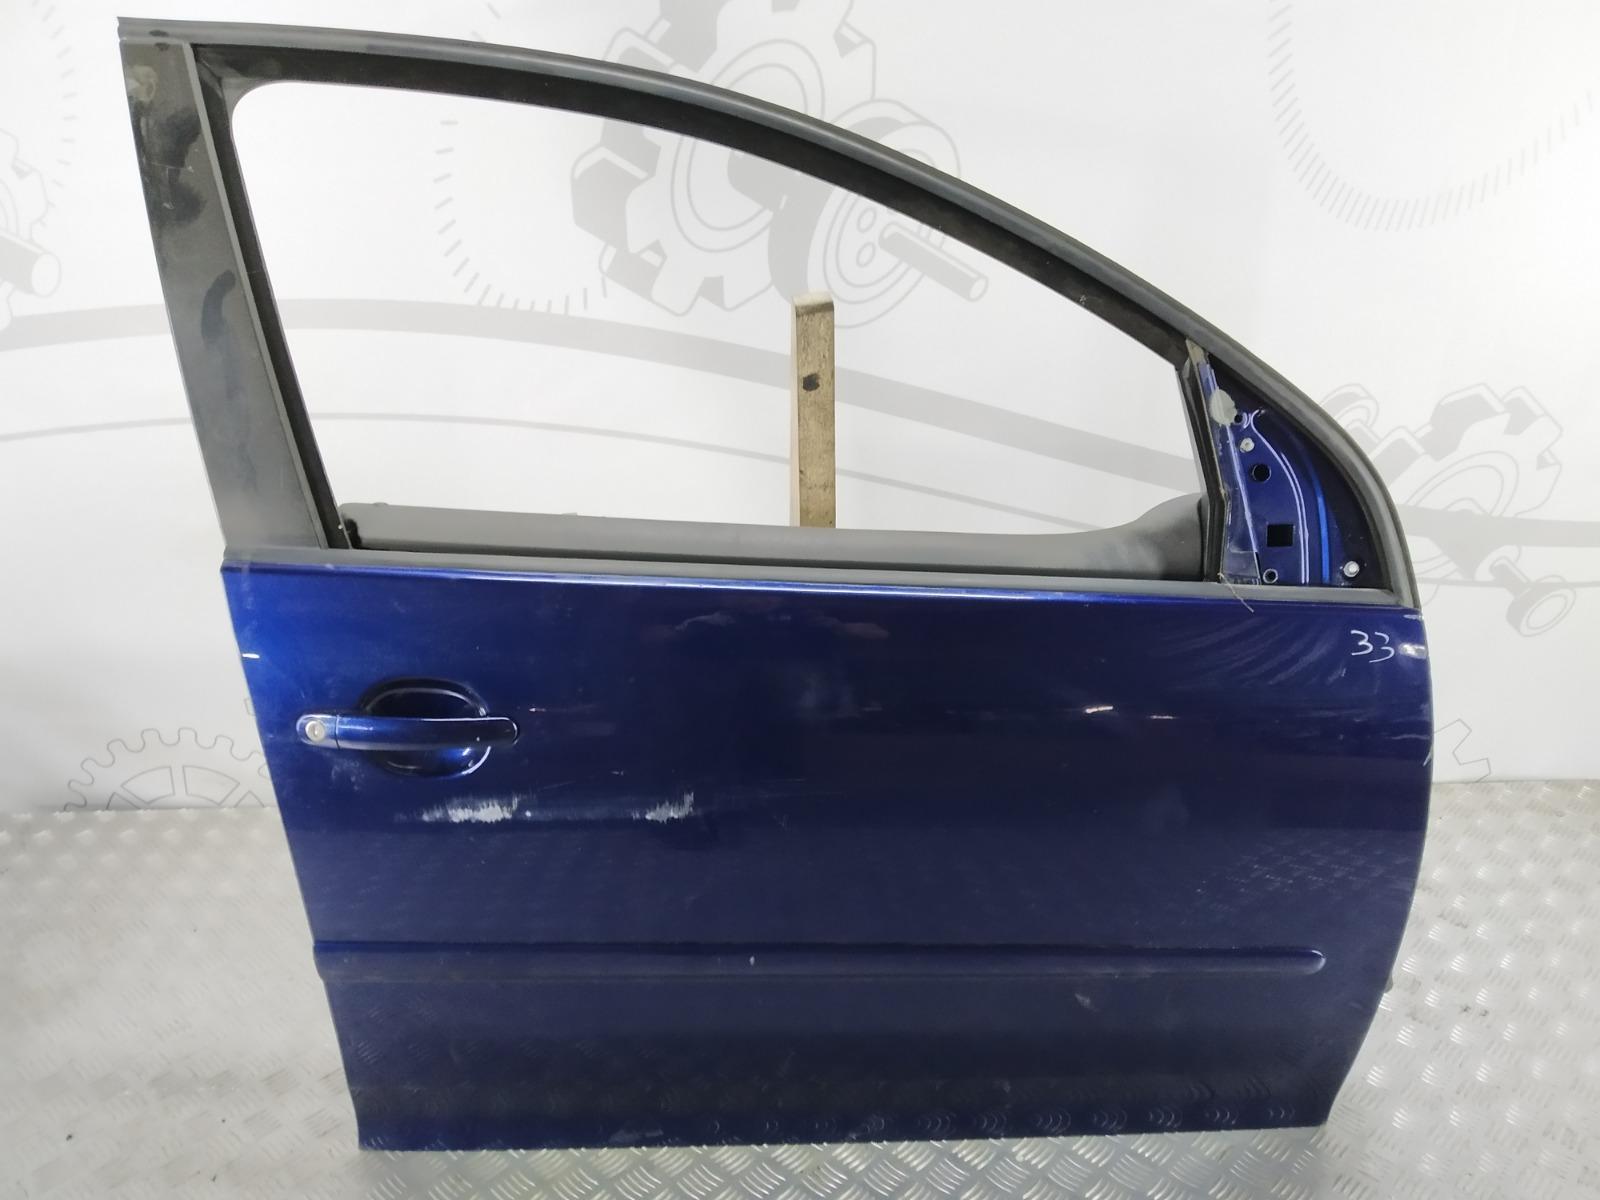 Дверь передняя правая Volkswagen Golf 5 2.0 TDI 2004 (б/у)